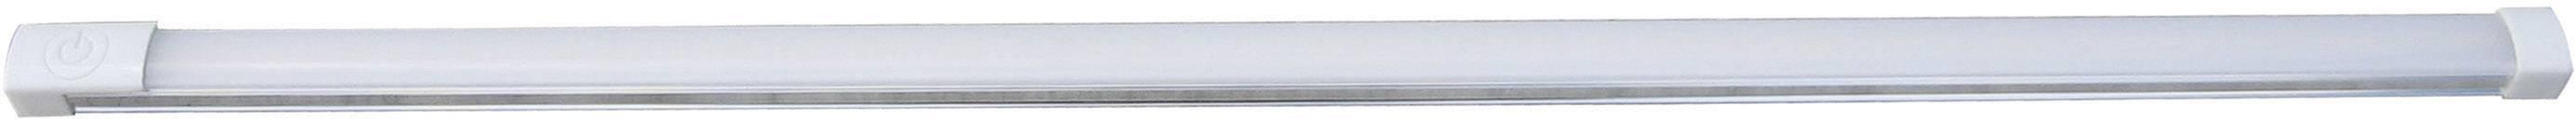 LED svetelná lišta, základná sada DioDor DIO-TL100-SP-FN, 16 W, 100 cm, teplá biela, biela